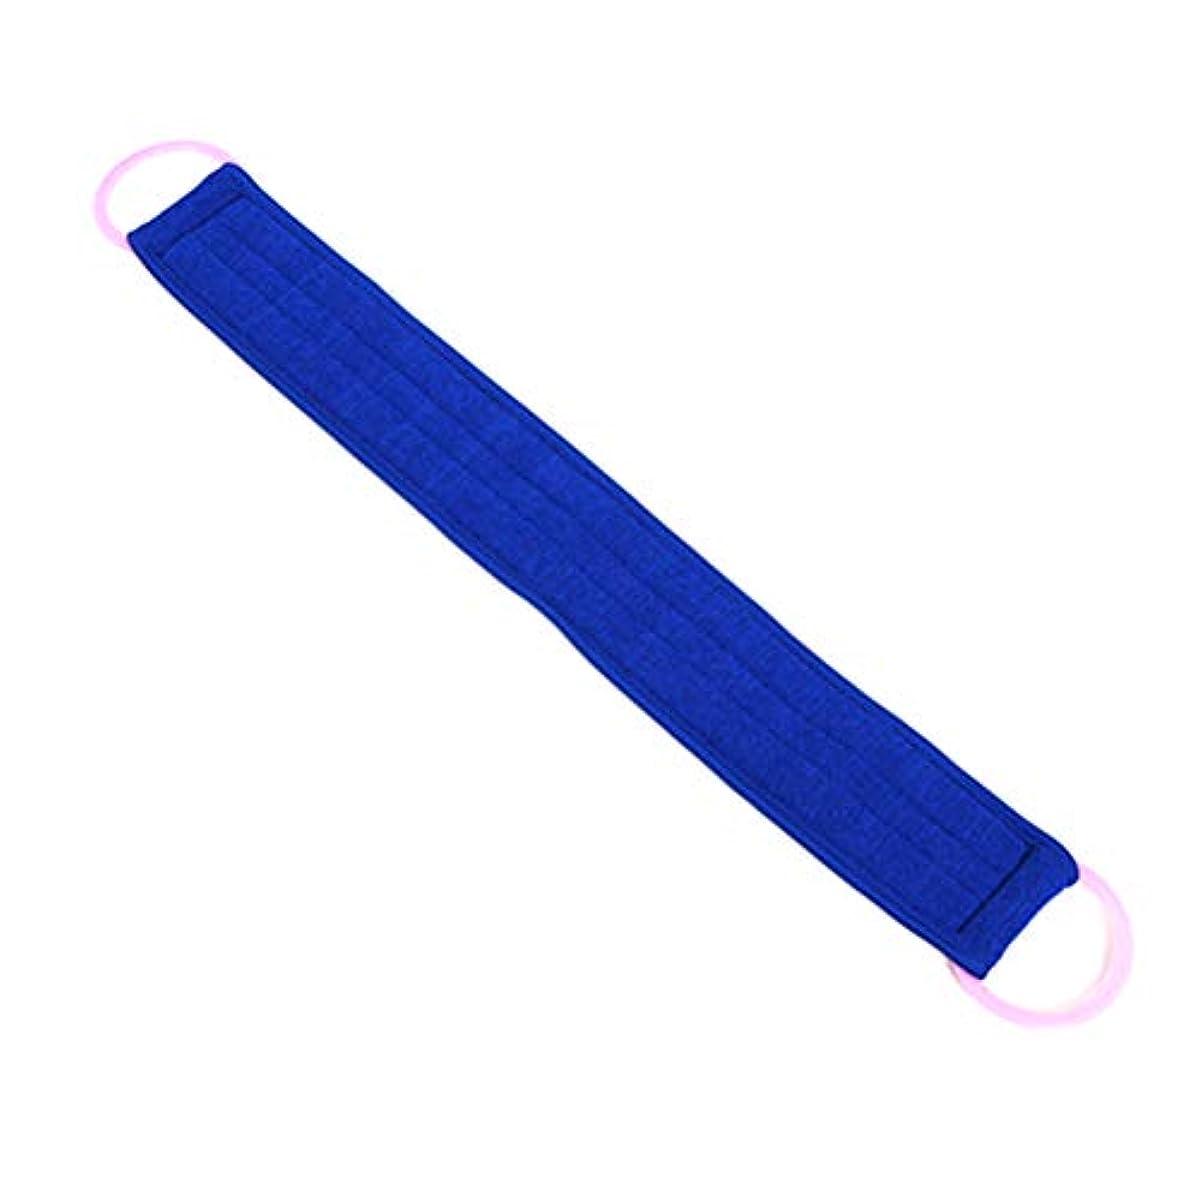 気づかないヒープ揮発性Lurrose バスラブブラシエクスフォリエイトプルバックストリップラブバックベルトチョッピングバンドバスタオル(ブルー)